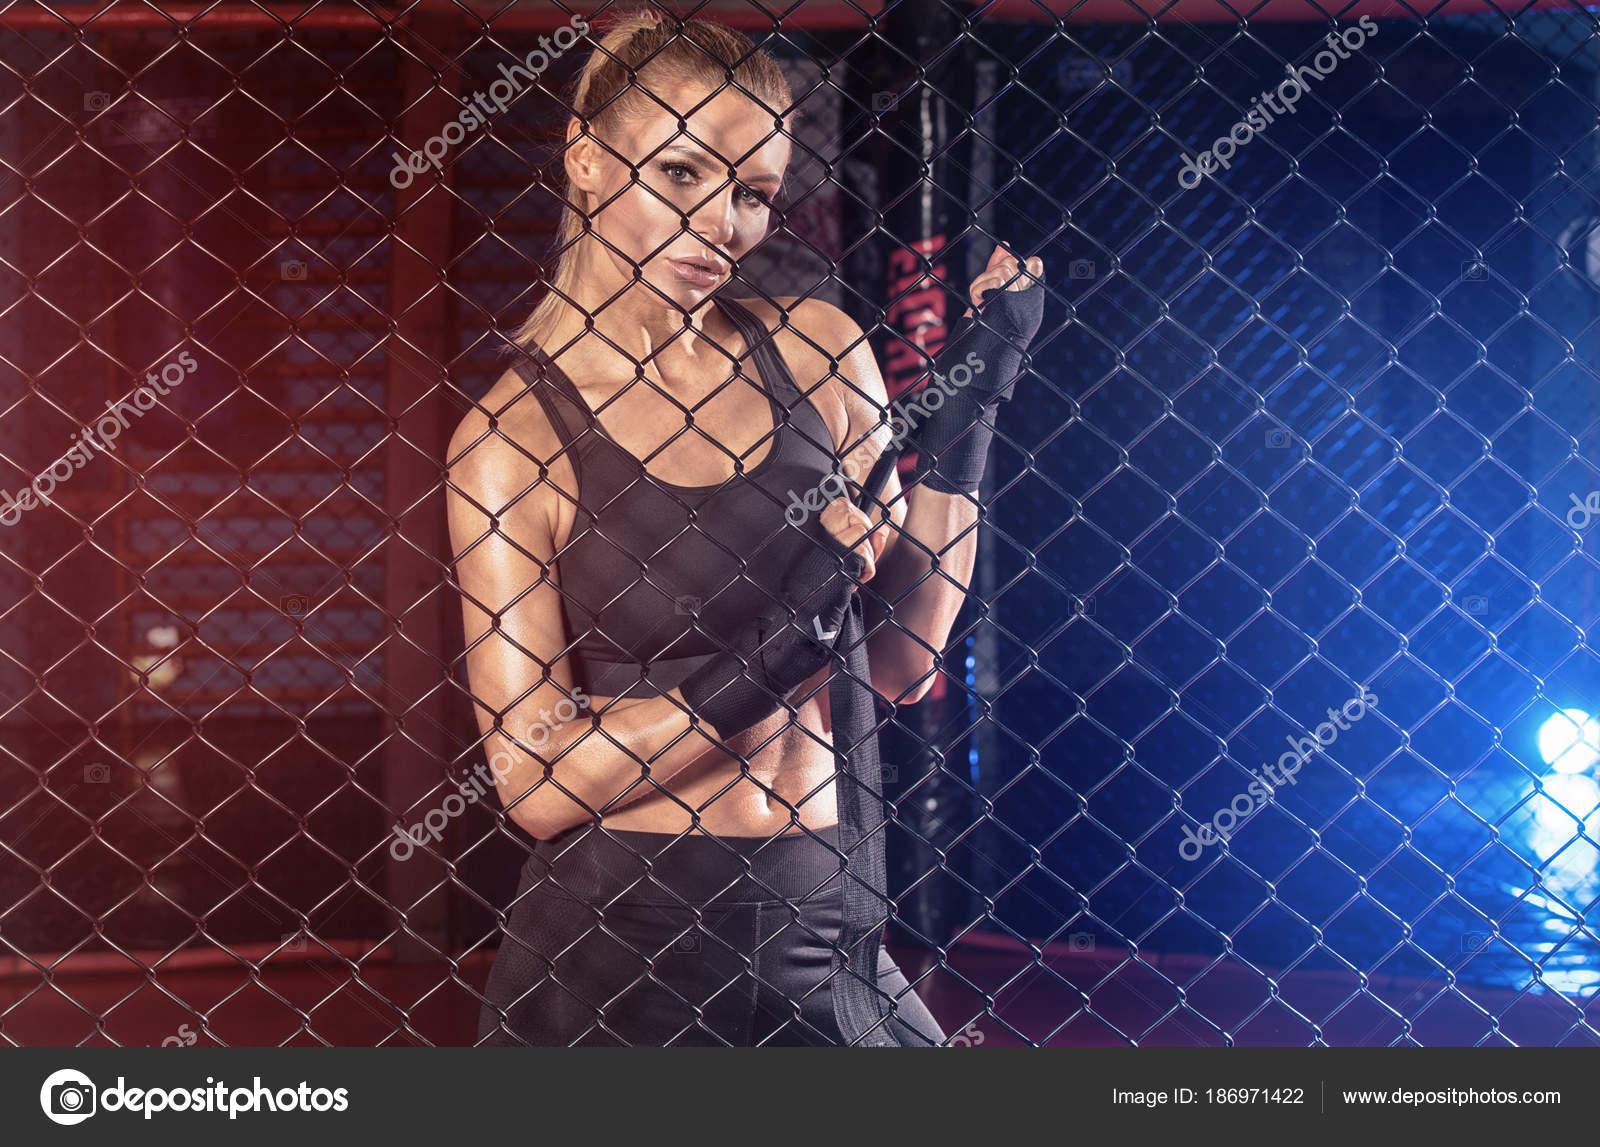 Boxeadora posando dentro de una jaula del boxeo — Foto de stock ...